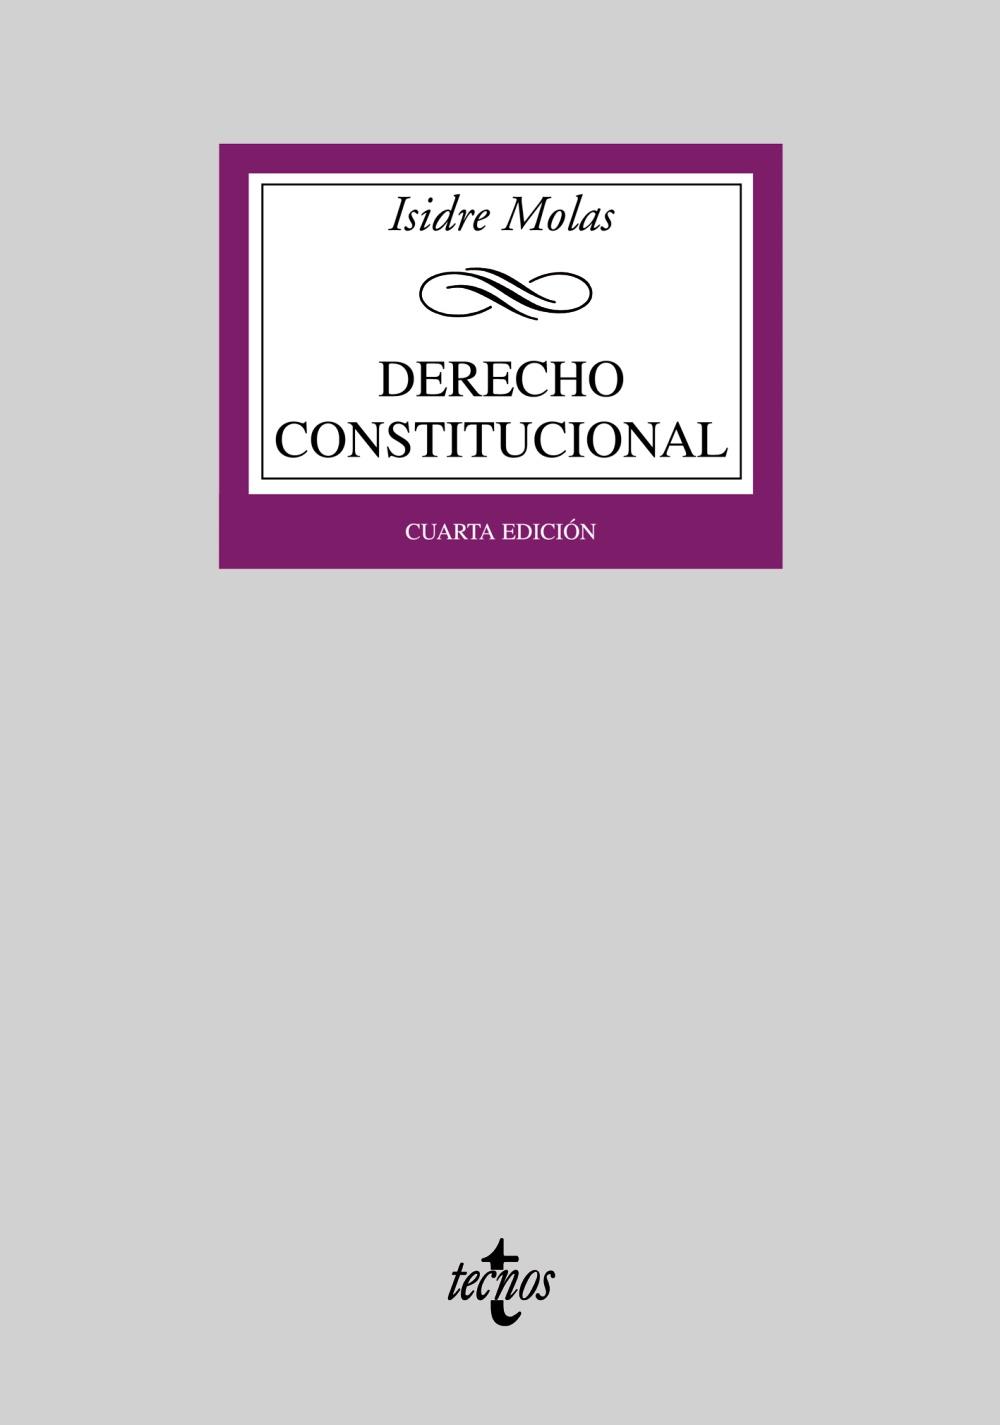 Descargar DERECHO CONSTITUCIONAL